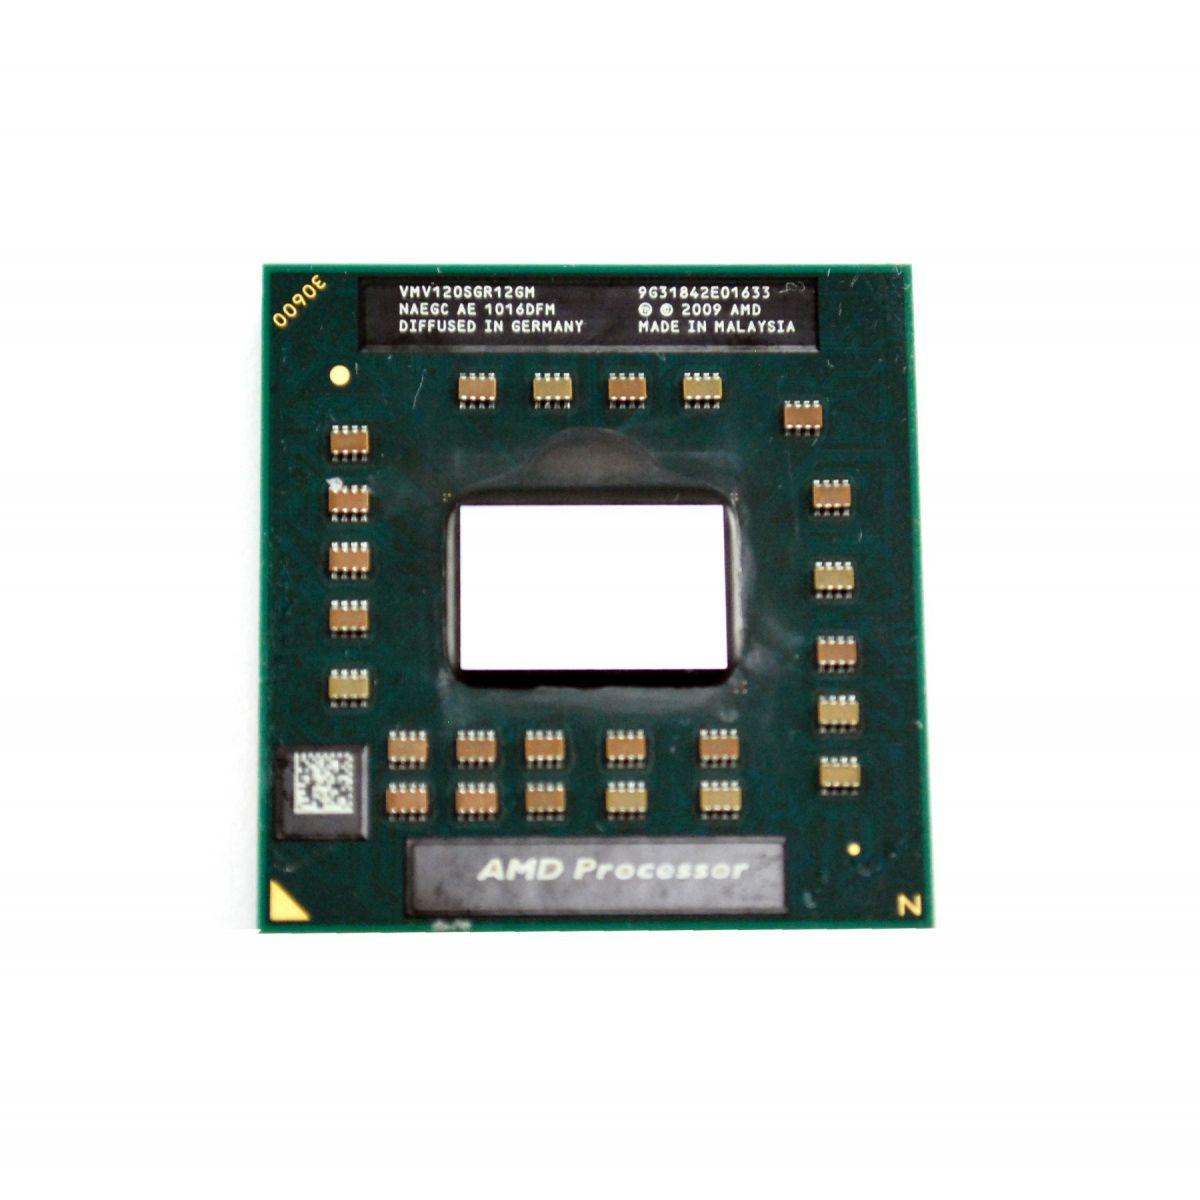 Processador Notebook AMD 2.2Ghz VMV120SGR12GM